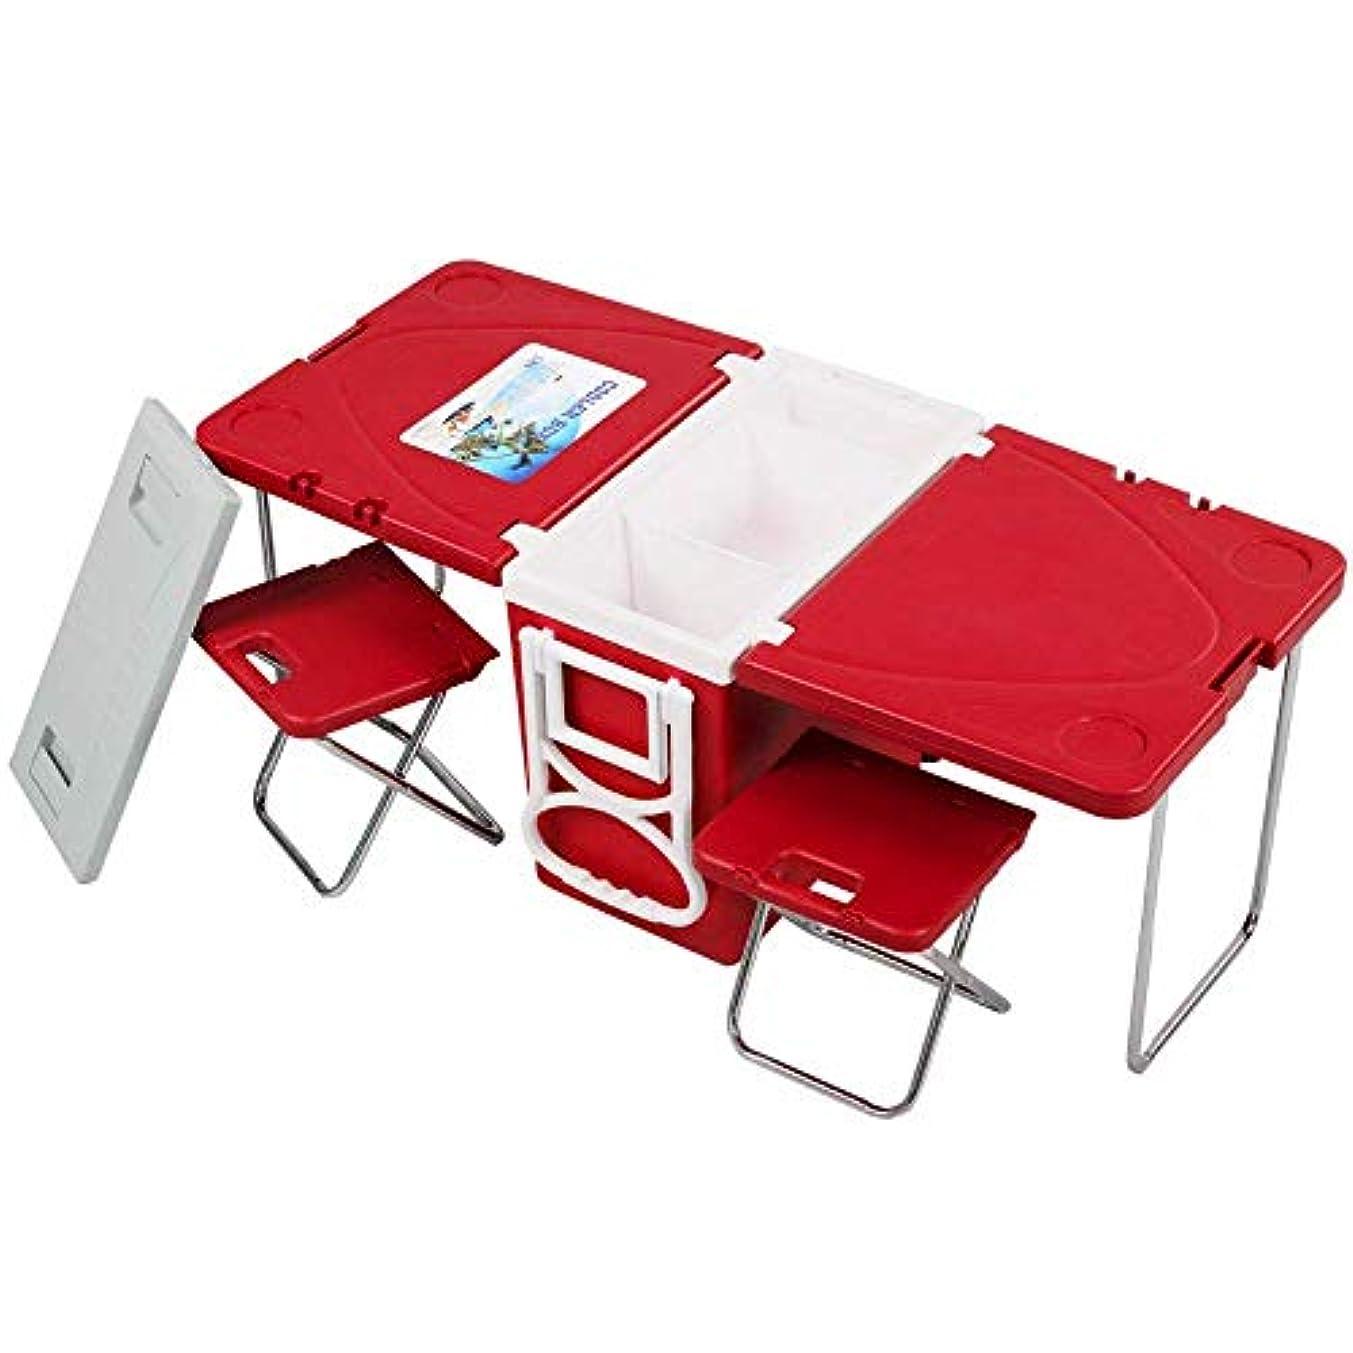 手がかり素晴らしい良い多くの初心者多機能ローリングクーラーボックスピクニックキャンプ屋外用家具セット折りたたみガーデン屋外テーブル+ 2椅子,2